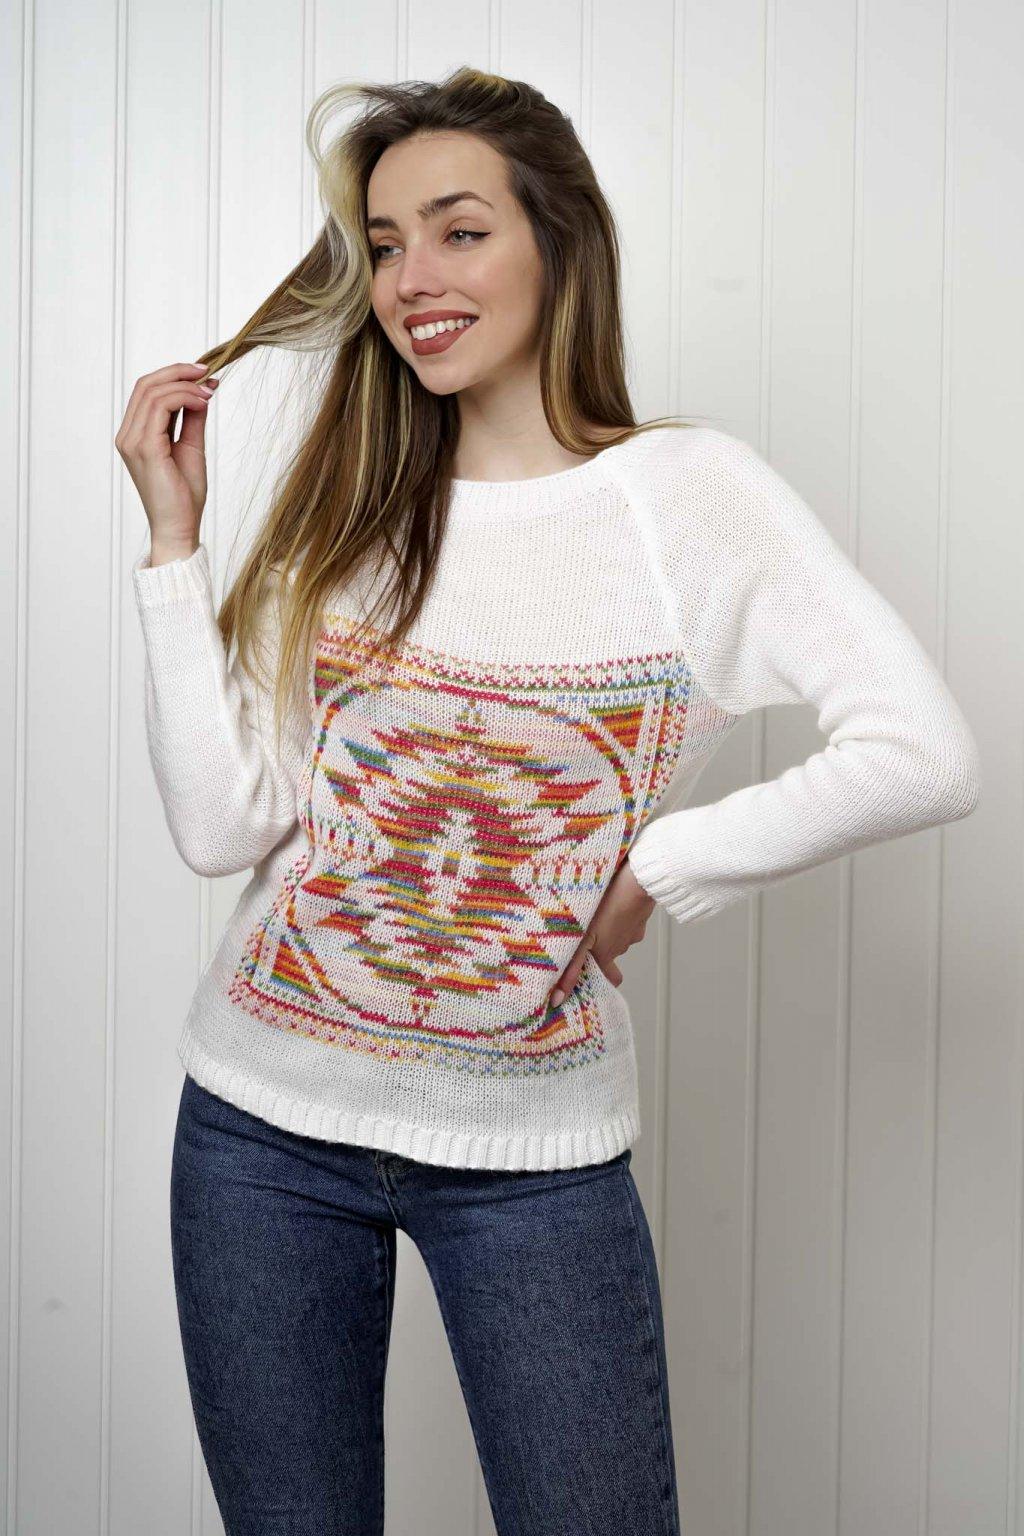 sveter, svetrík, sveter dámsky, úplet, úpletový sveter, jednoduchý sveter, v výstríh, štýlový, chlpatý,vzorovaný, srdiečkový, čierny, biely, farebný, 032